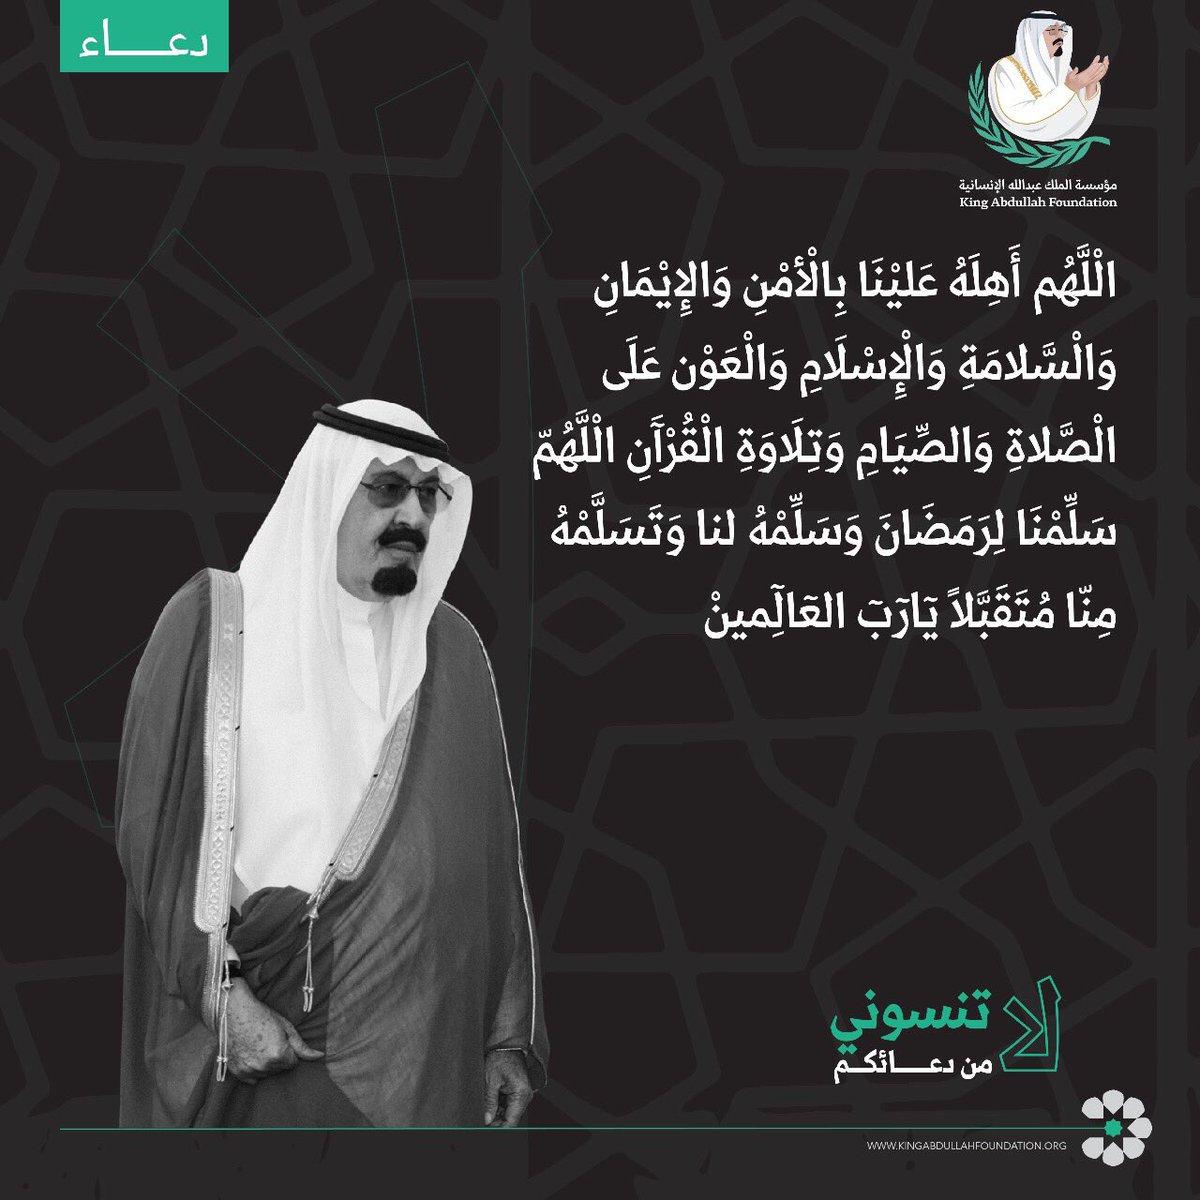 'لا تنسوني من دعائكم'.   #الملك_عبدالله رحمه الله https://t.co/Ngj4WgF...